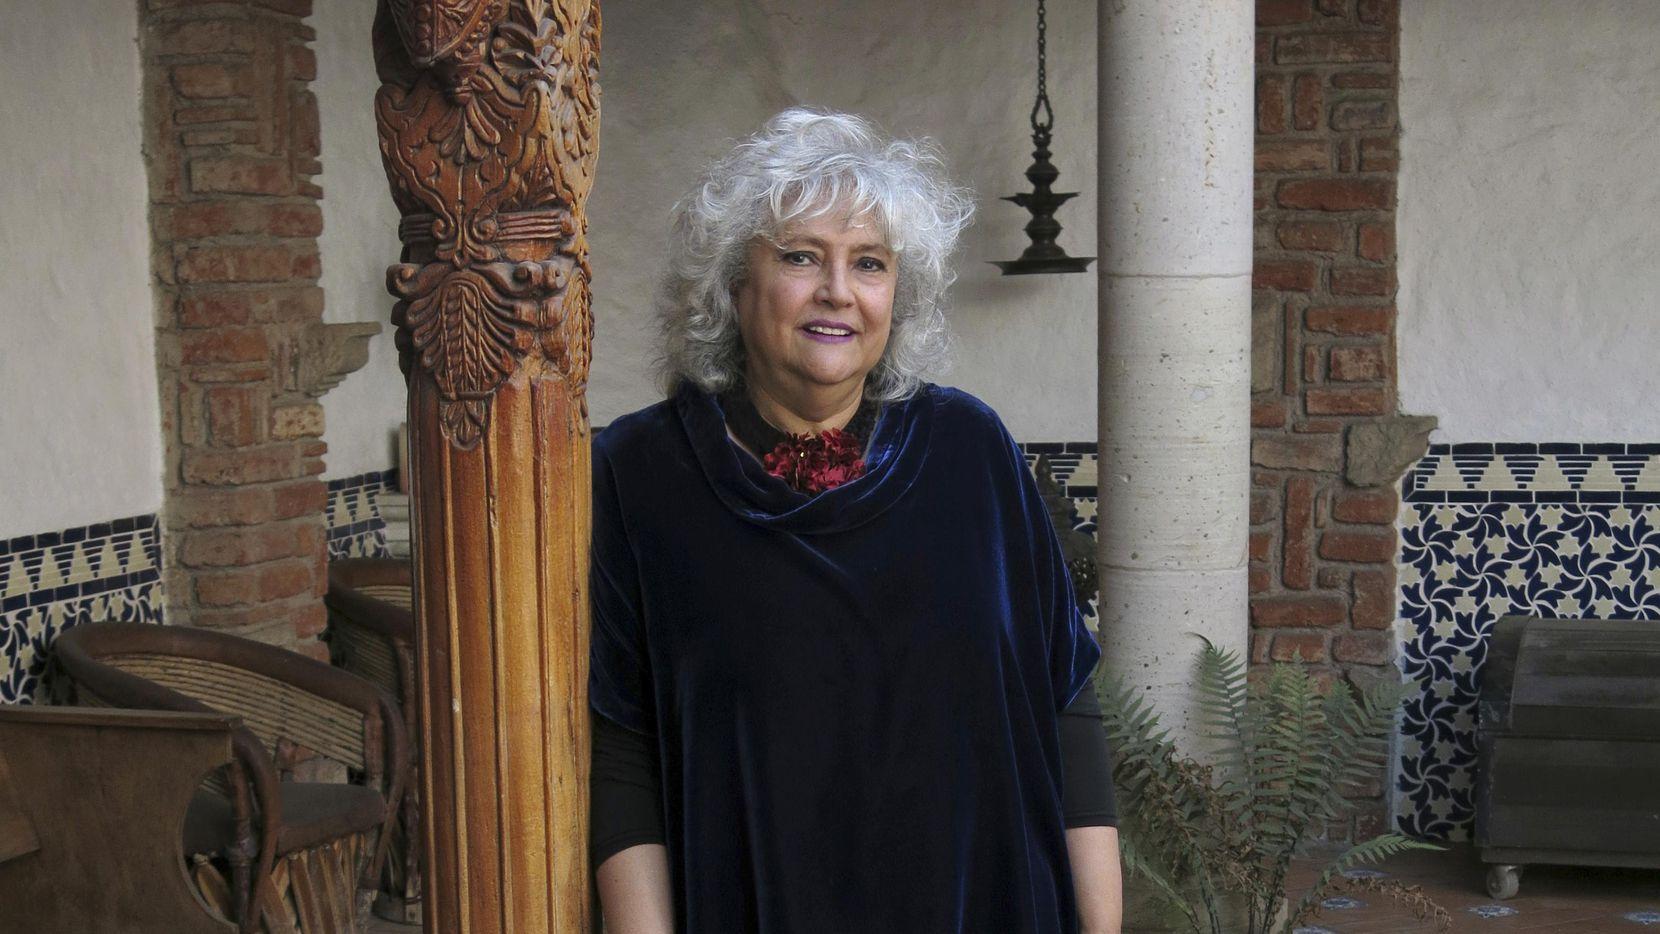 Laura Esquivel posa en el patio de su casa en Coyoacán, Ciudad de México el miércoles 17 de enero. (AP/Berenice Bautista)